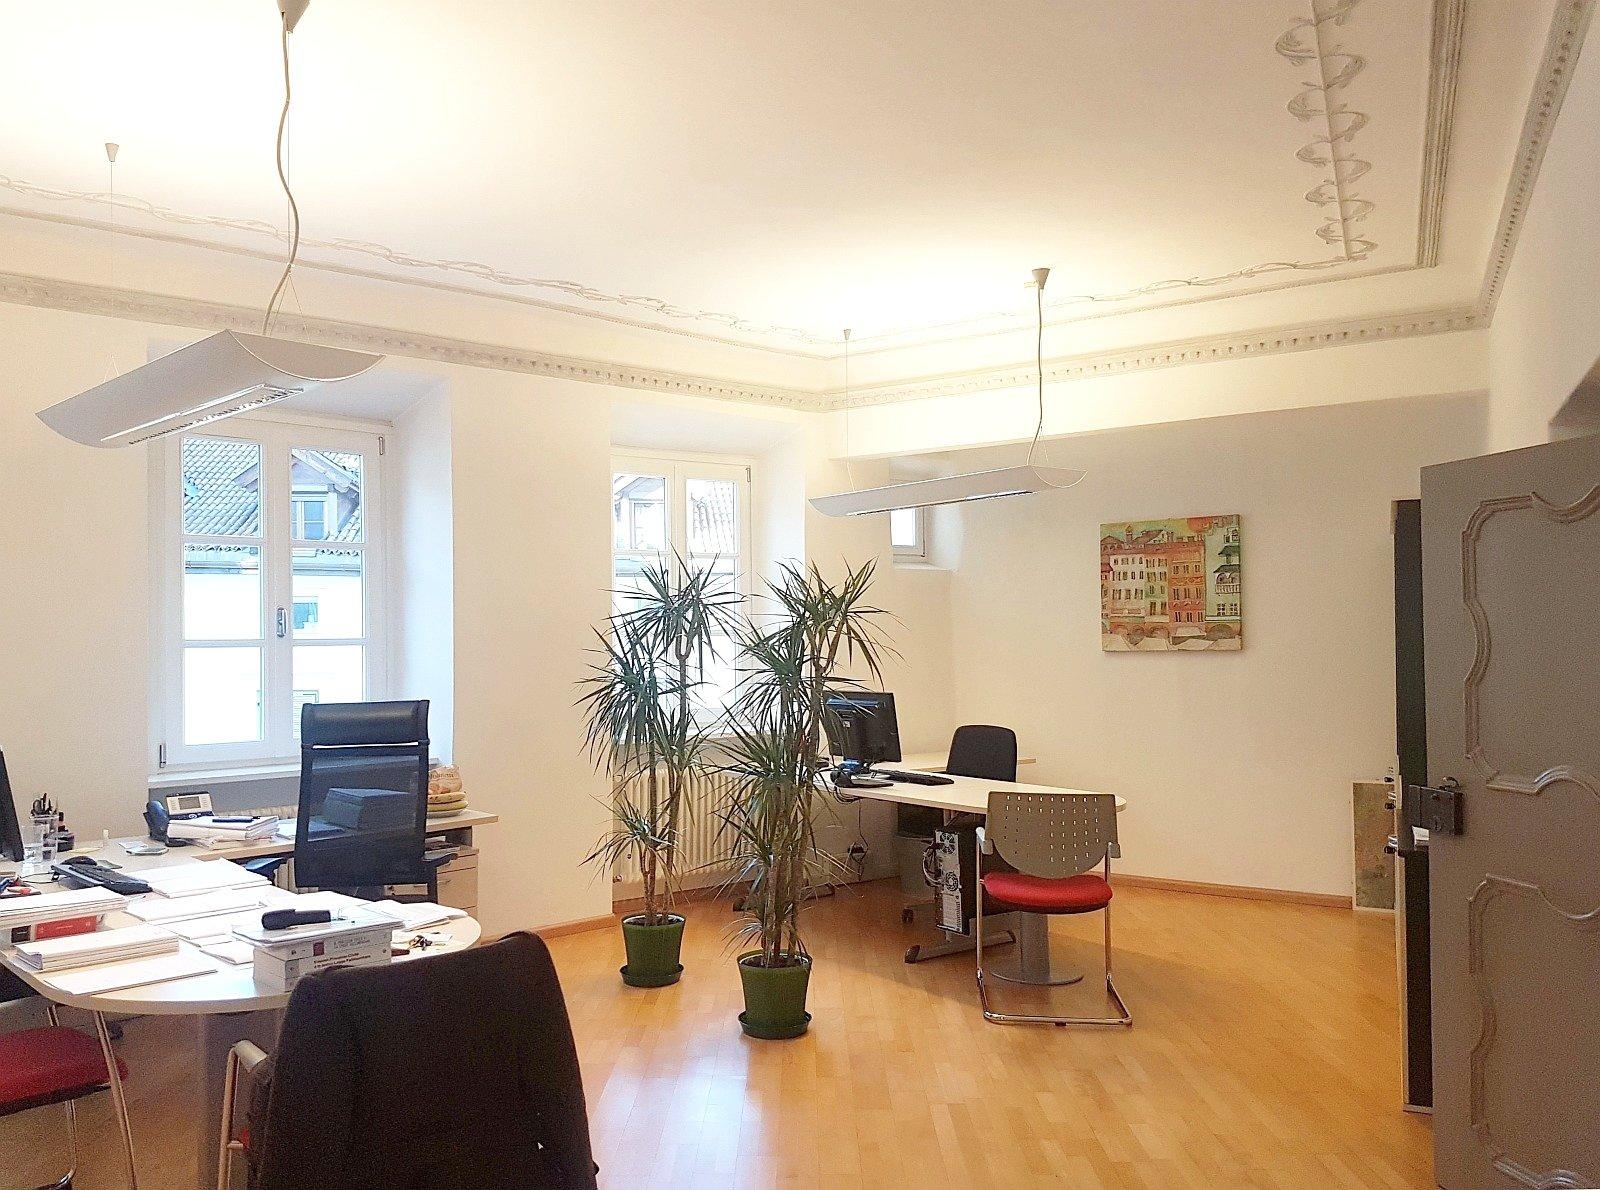 Herrschaftliches Buero_ufficio signorile